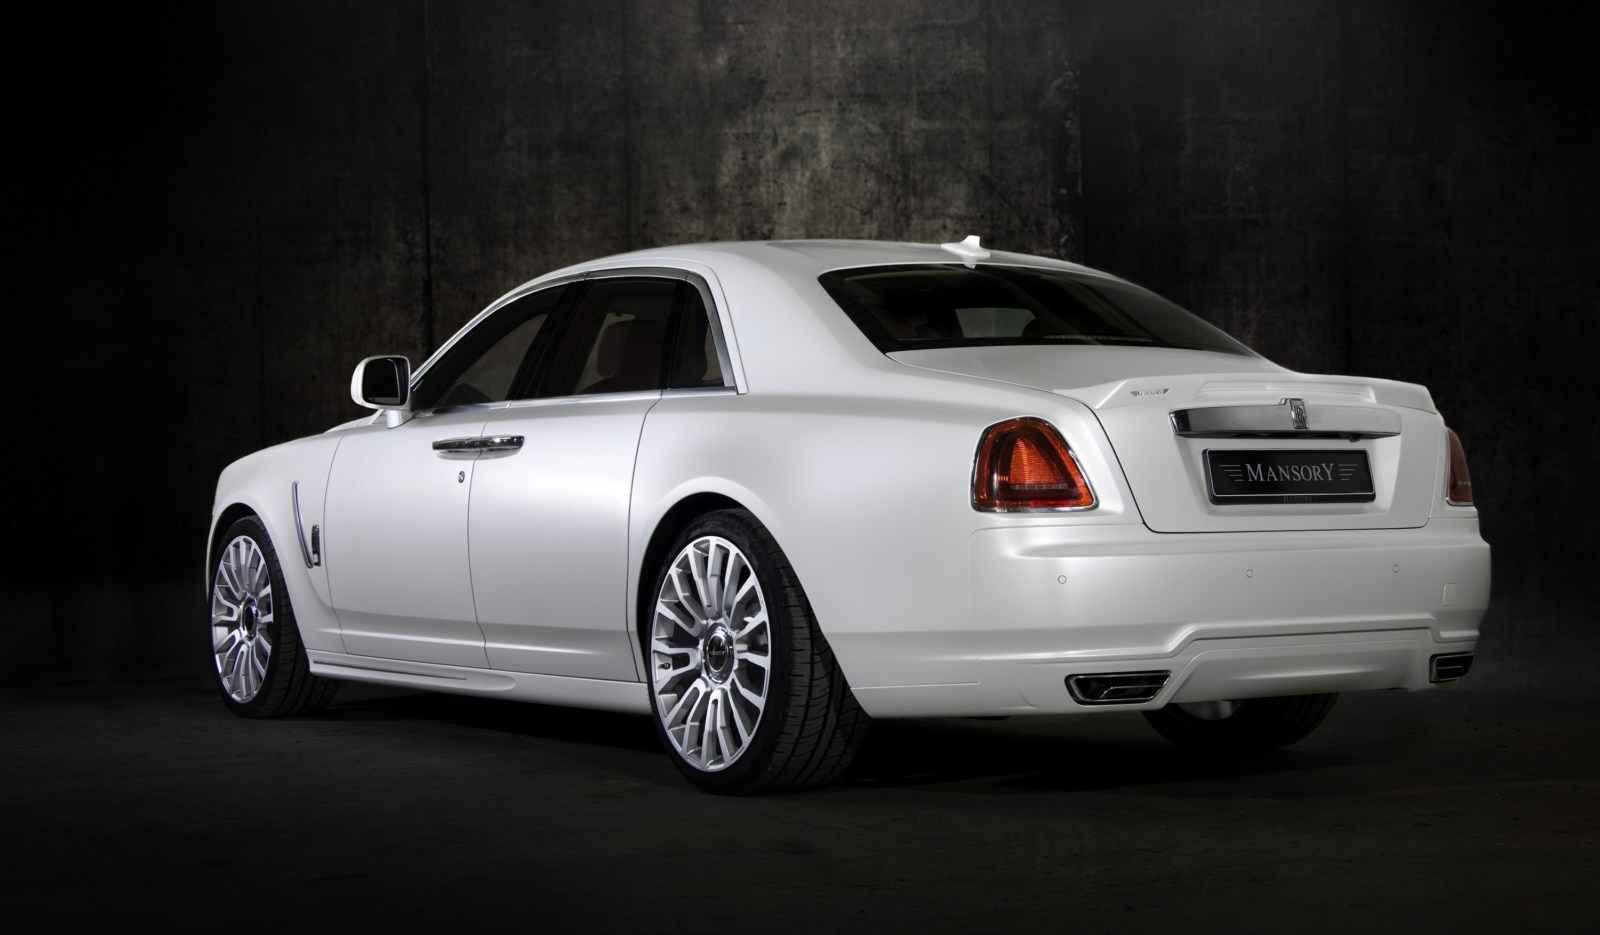 Rolls Royce Ghost Mansory 04